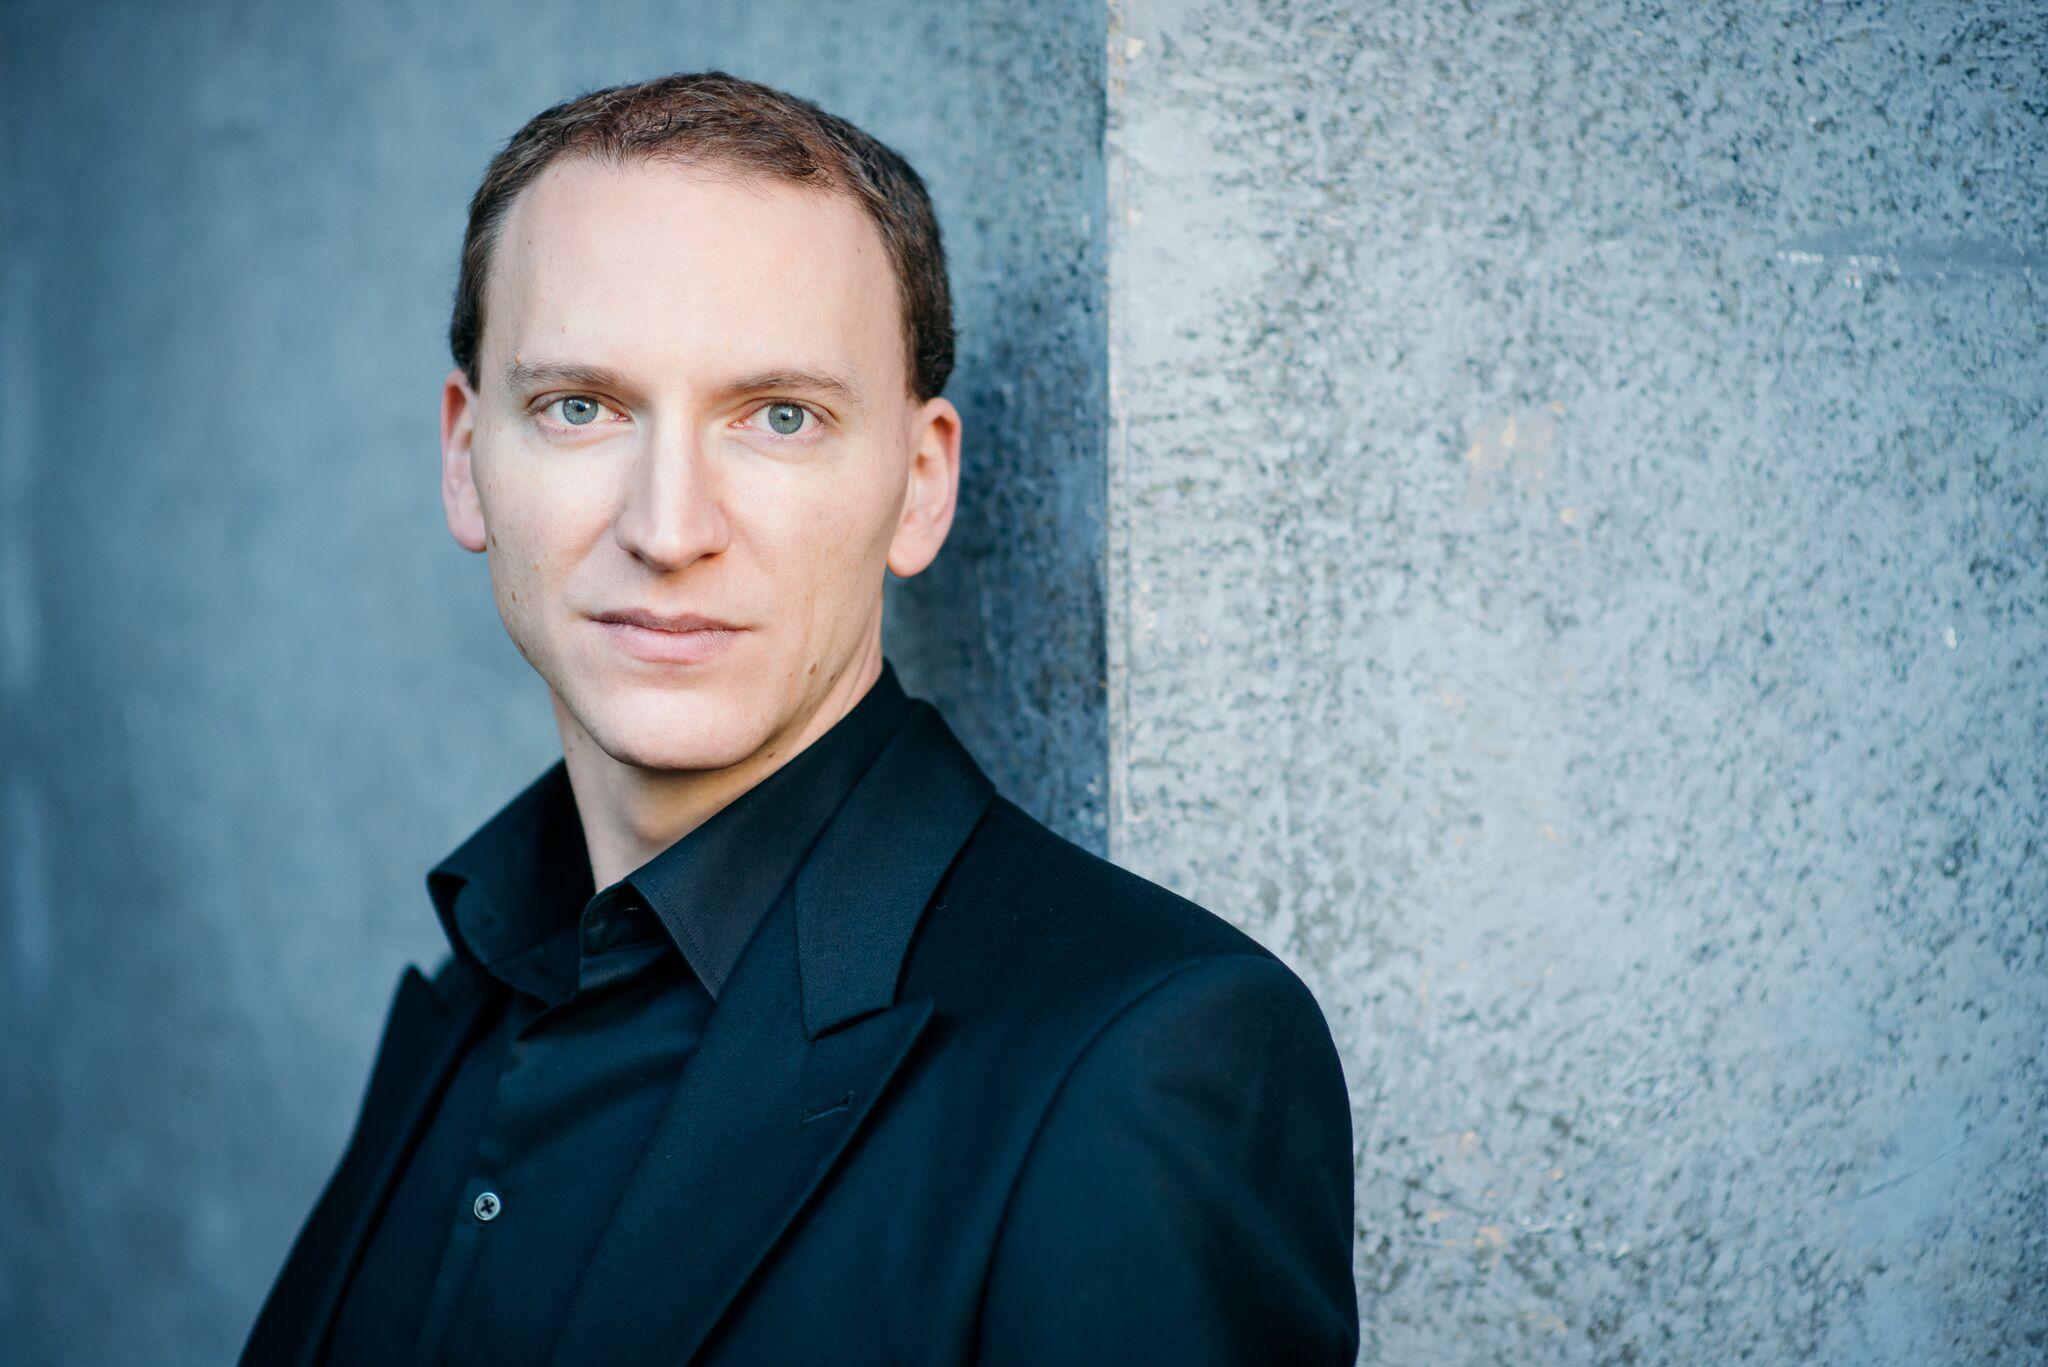 Juanjo Mena dirige obras de Arriaga y Schubert con la OCV junto a la soprano Sabina Puértolas en València y Castelló